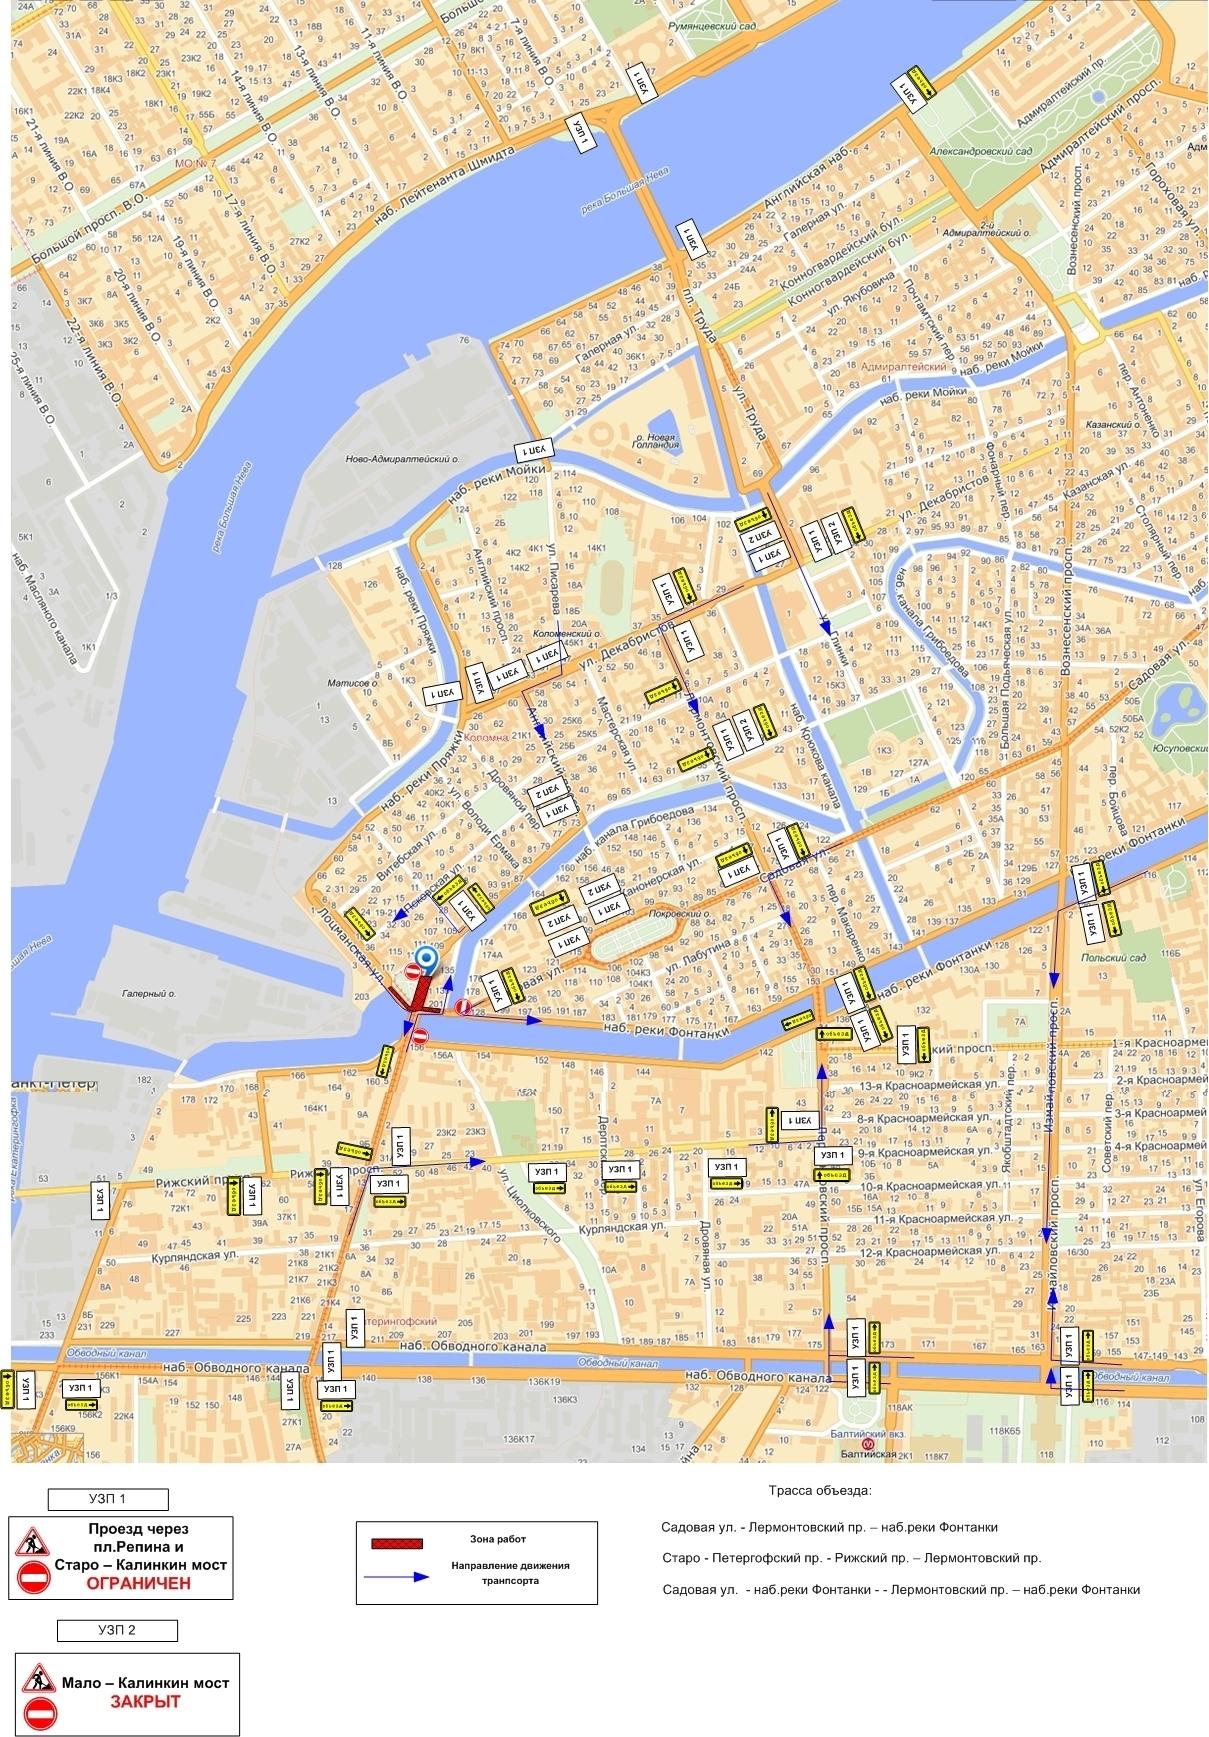 Схема движения в районе площади Репина